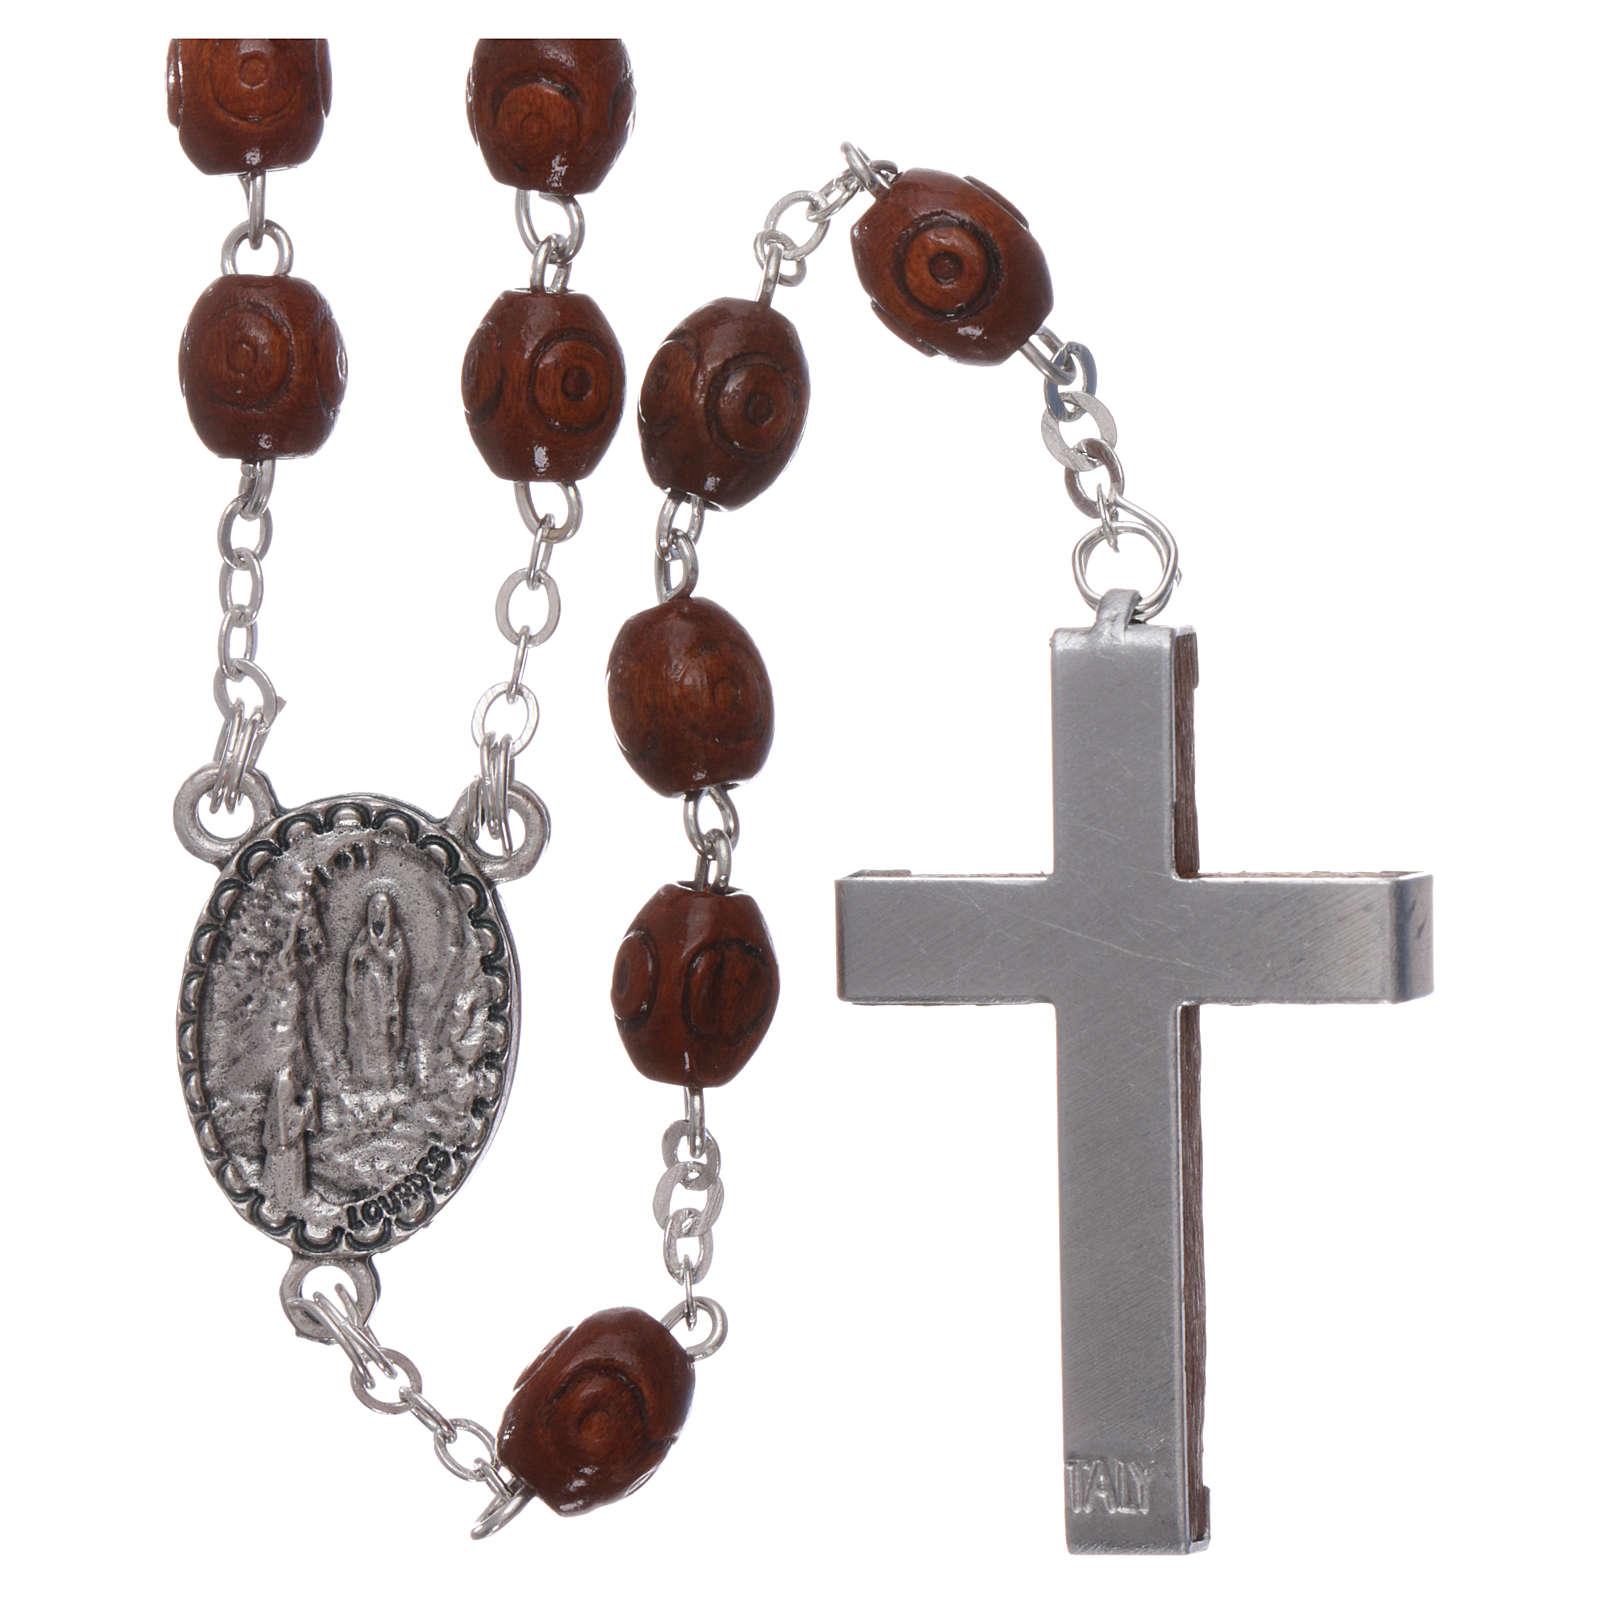 Busco mujeres solteras en rosario